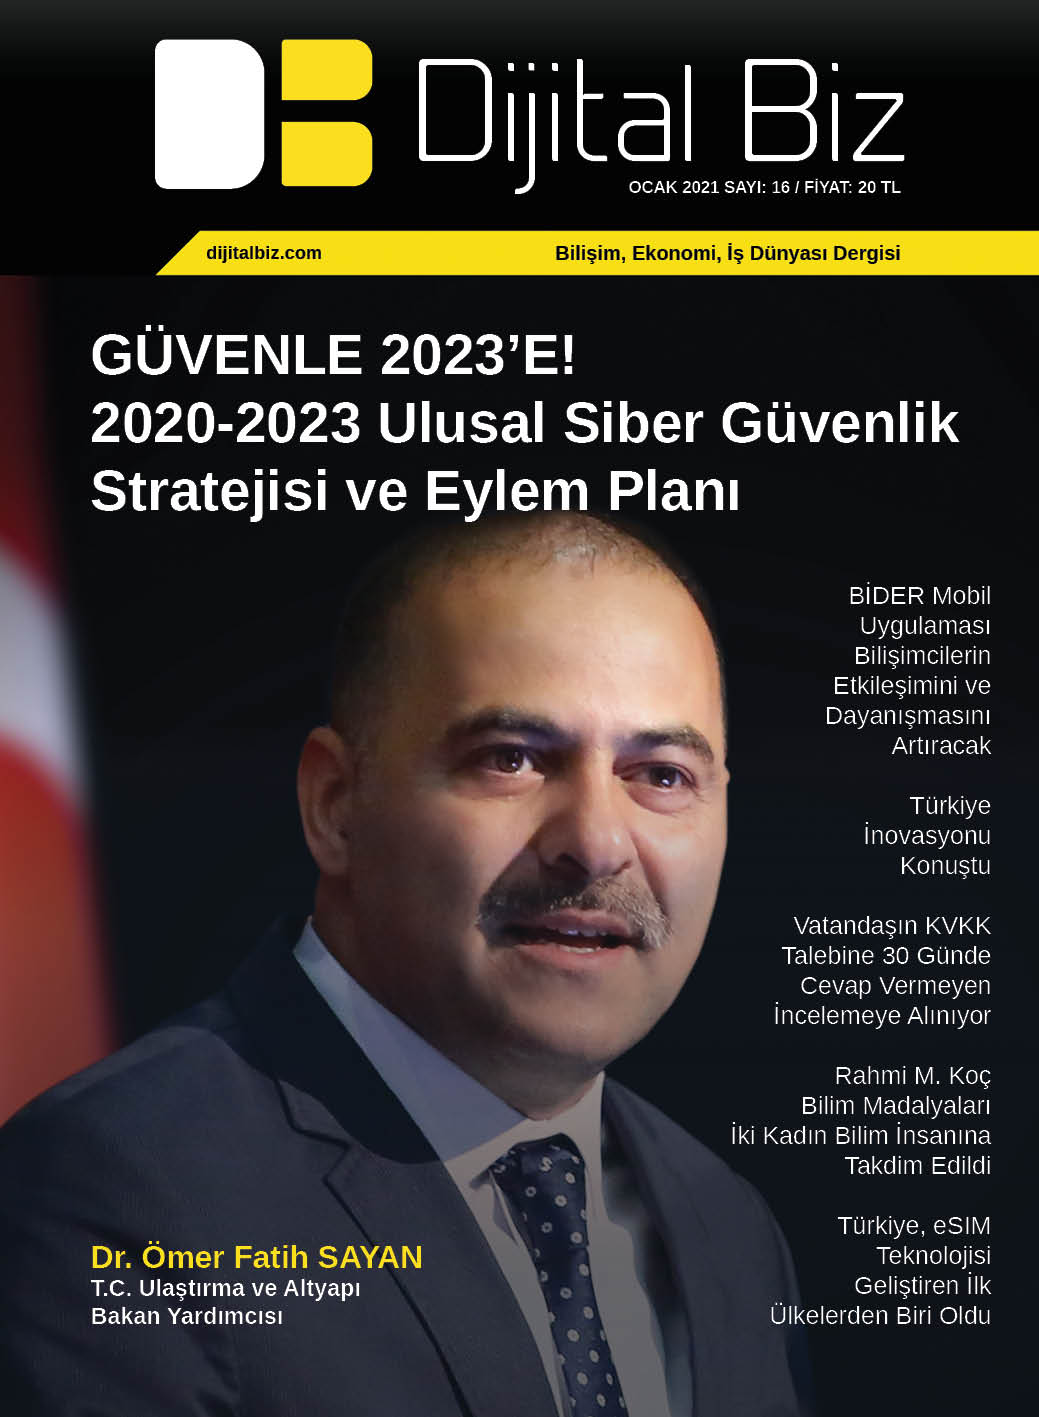 Dijital Biz Dergisi Ocak 2021 Sayısı